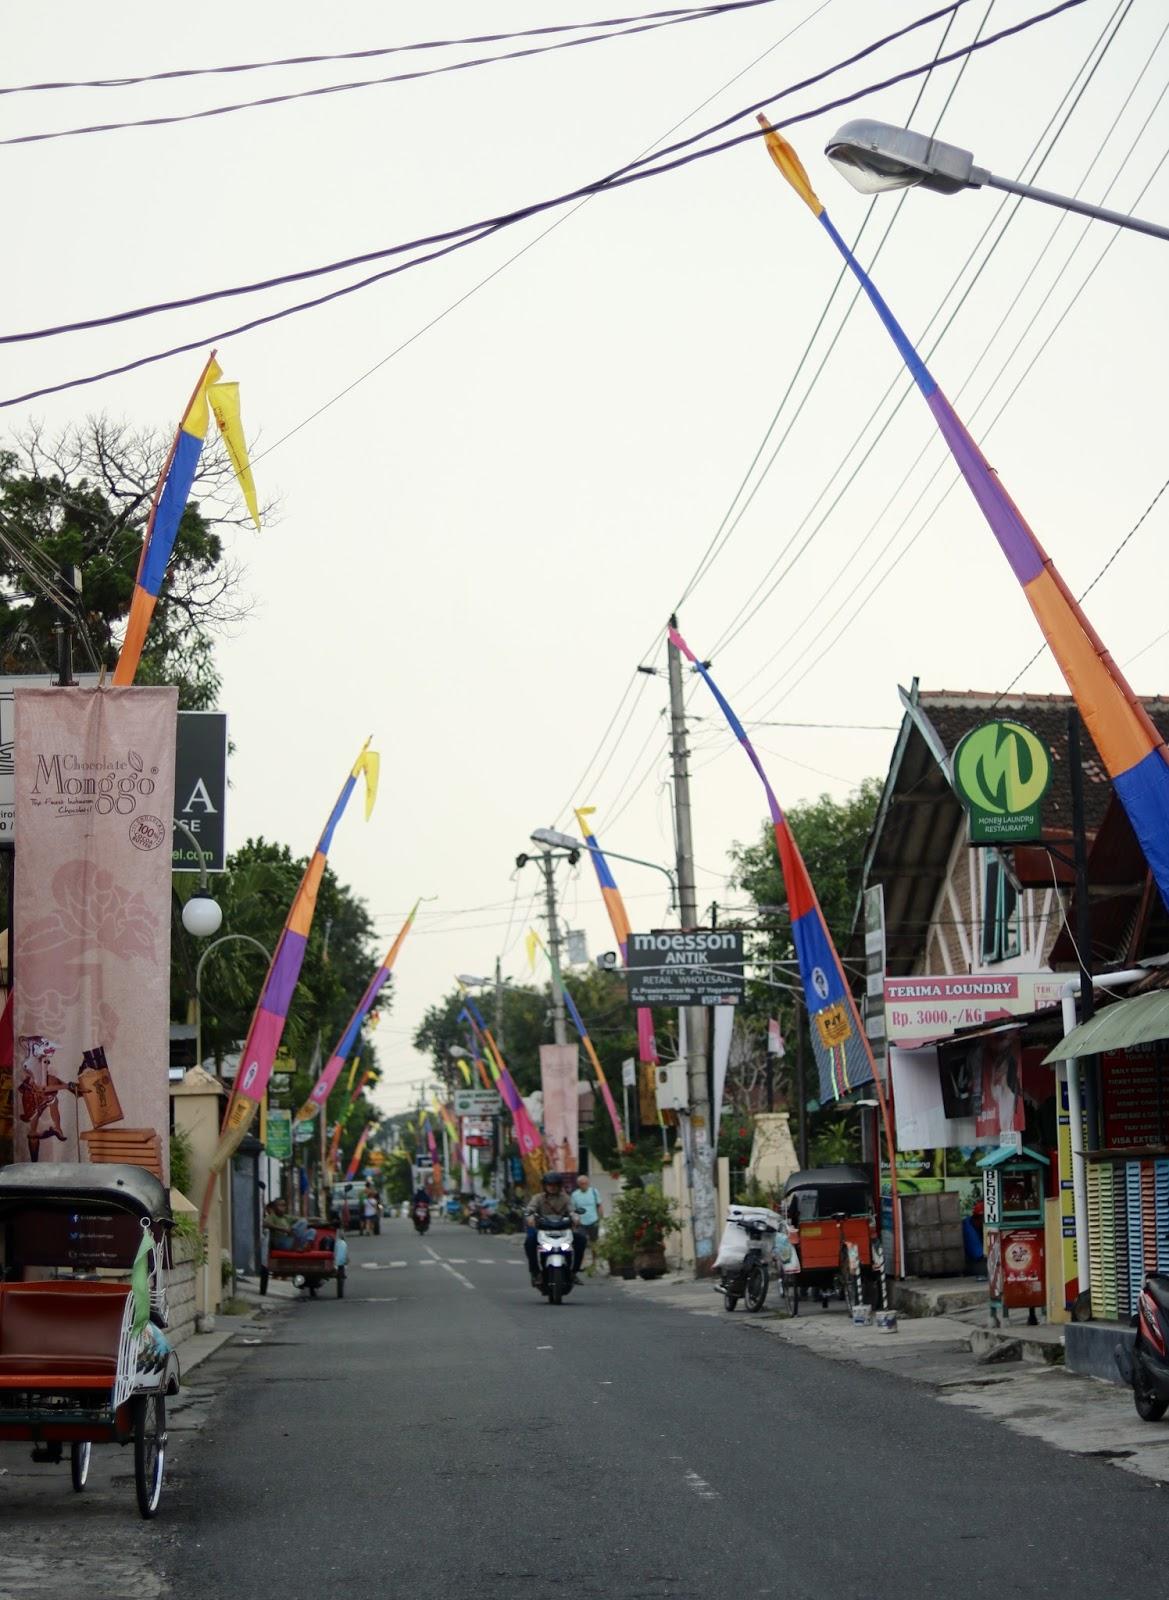 Visão geral da rua de Prawirotaman em Yogyakarta